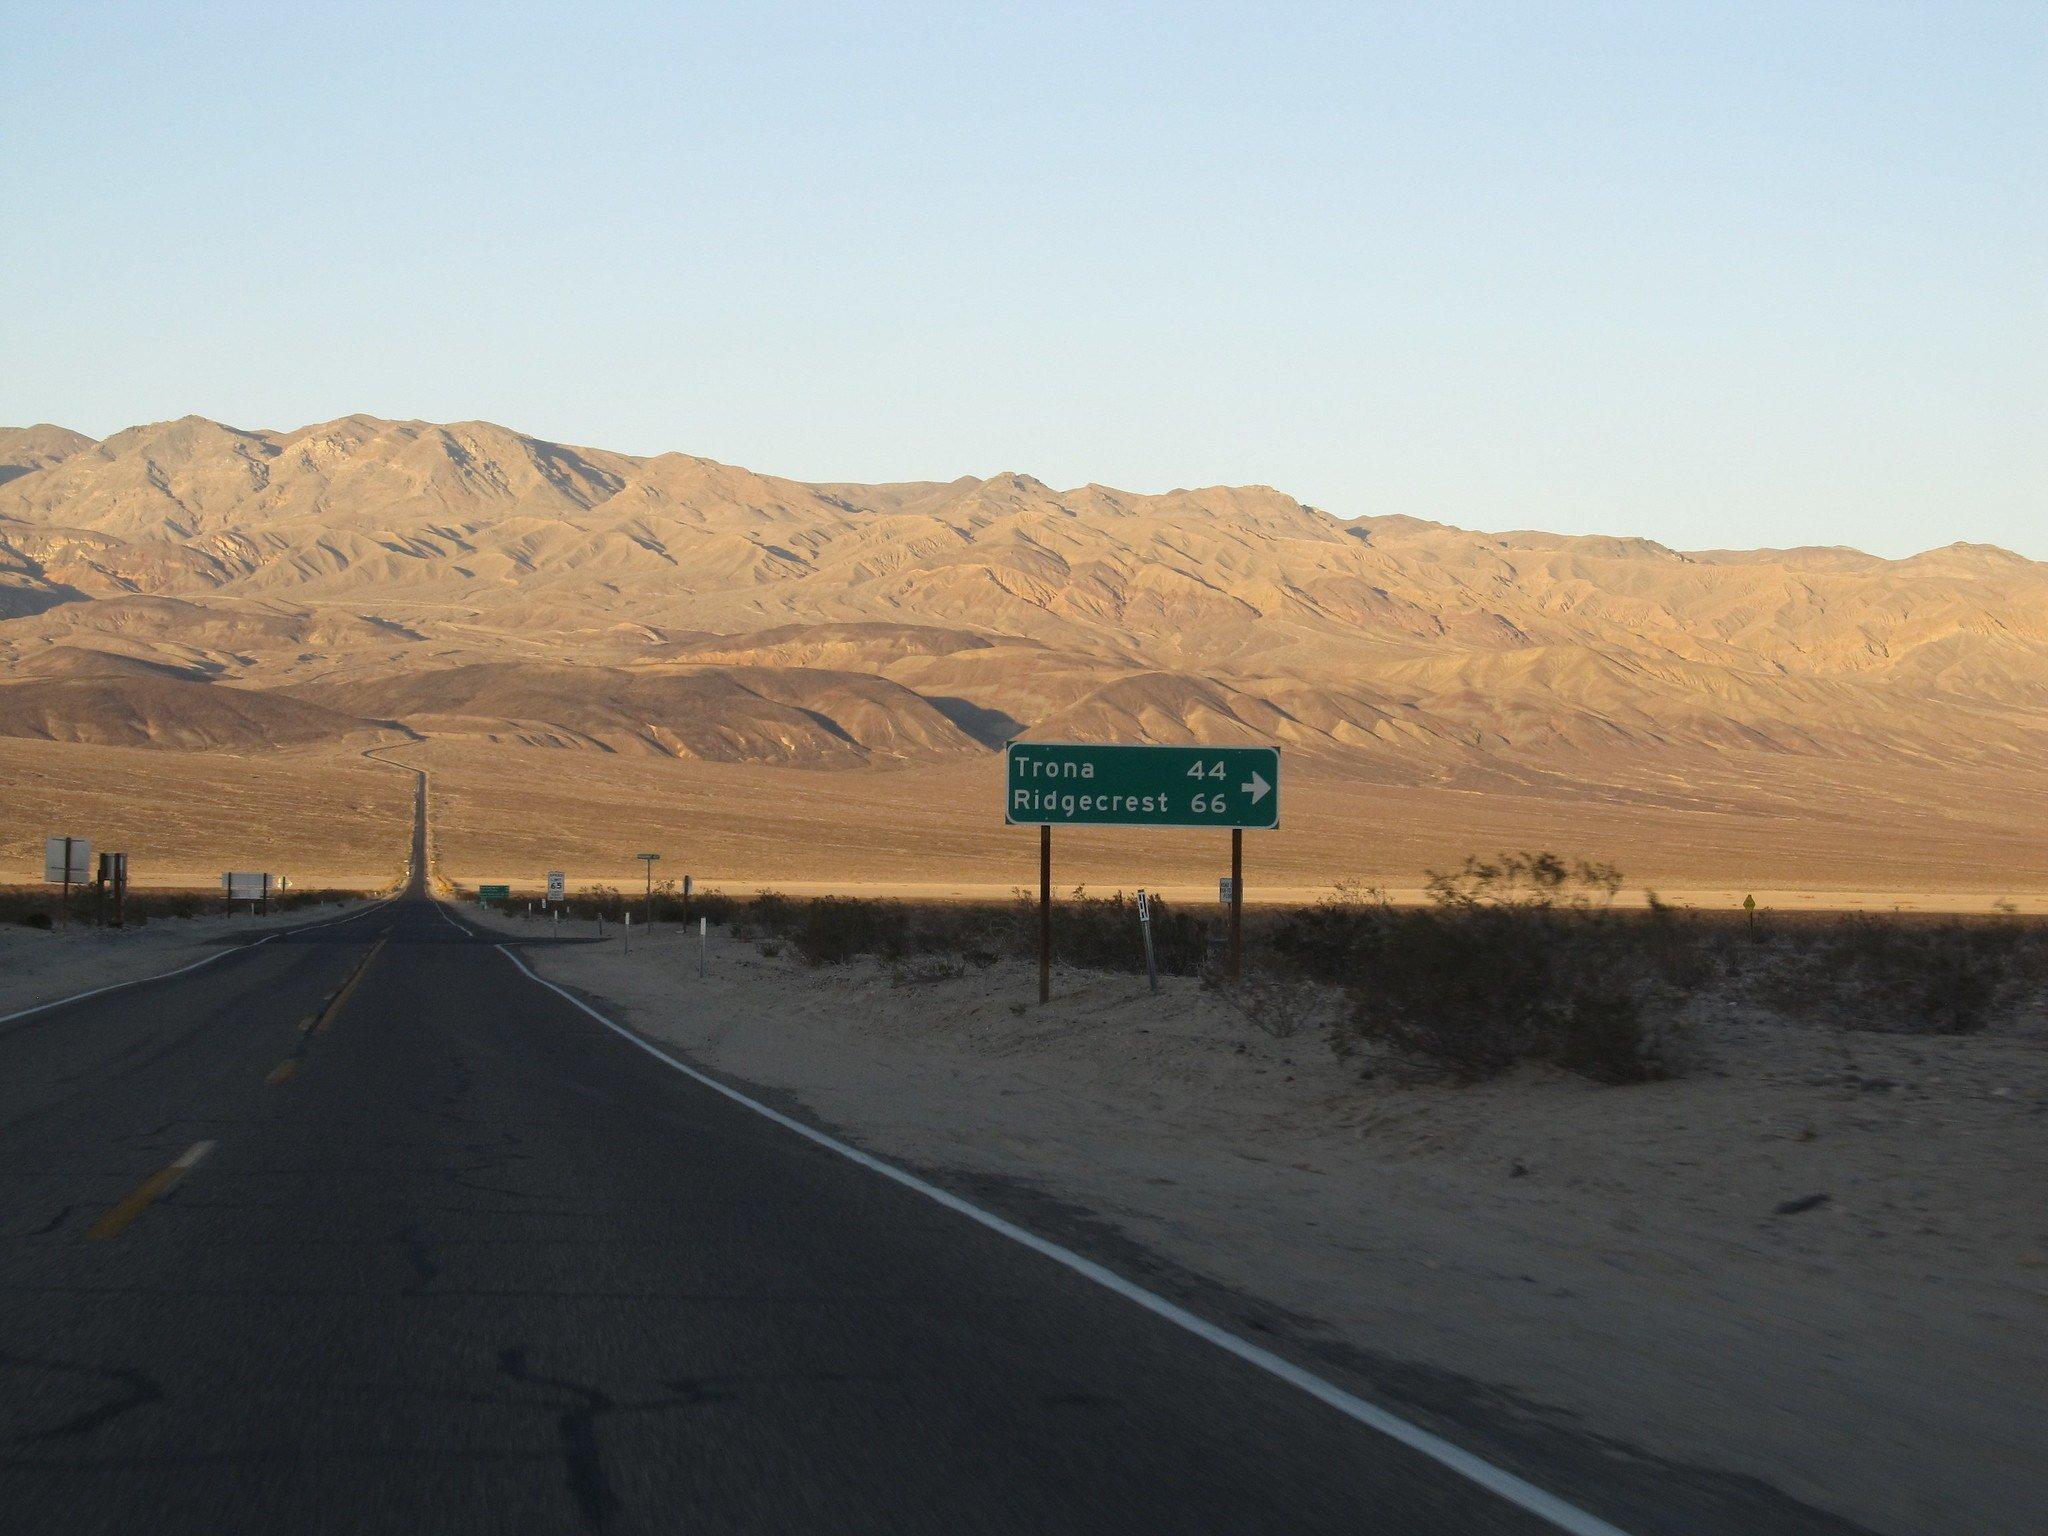 Ridgecrest, Death Valley